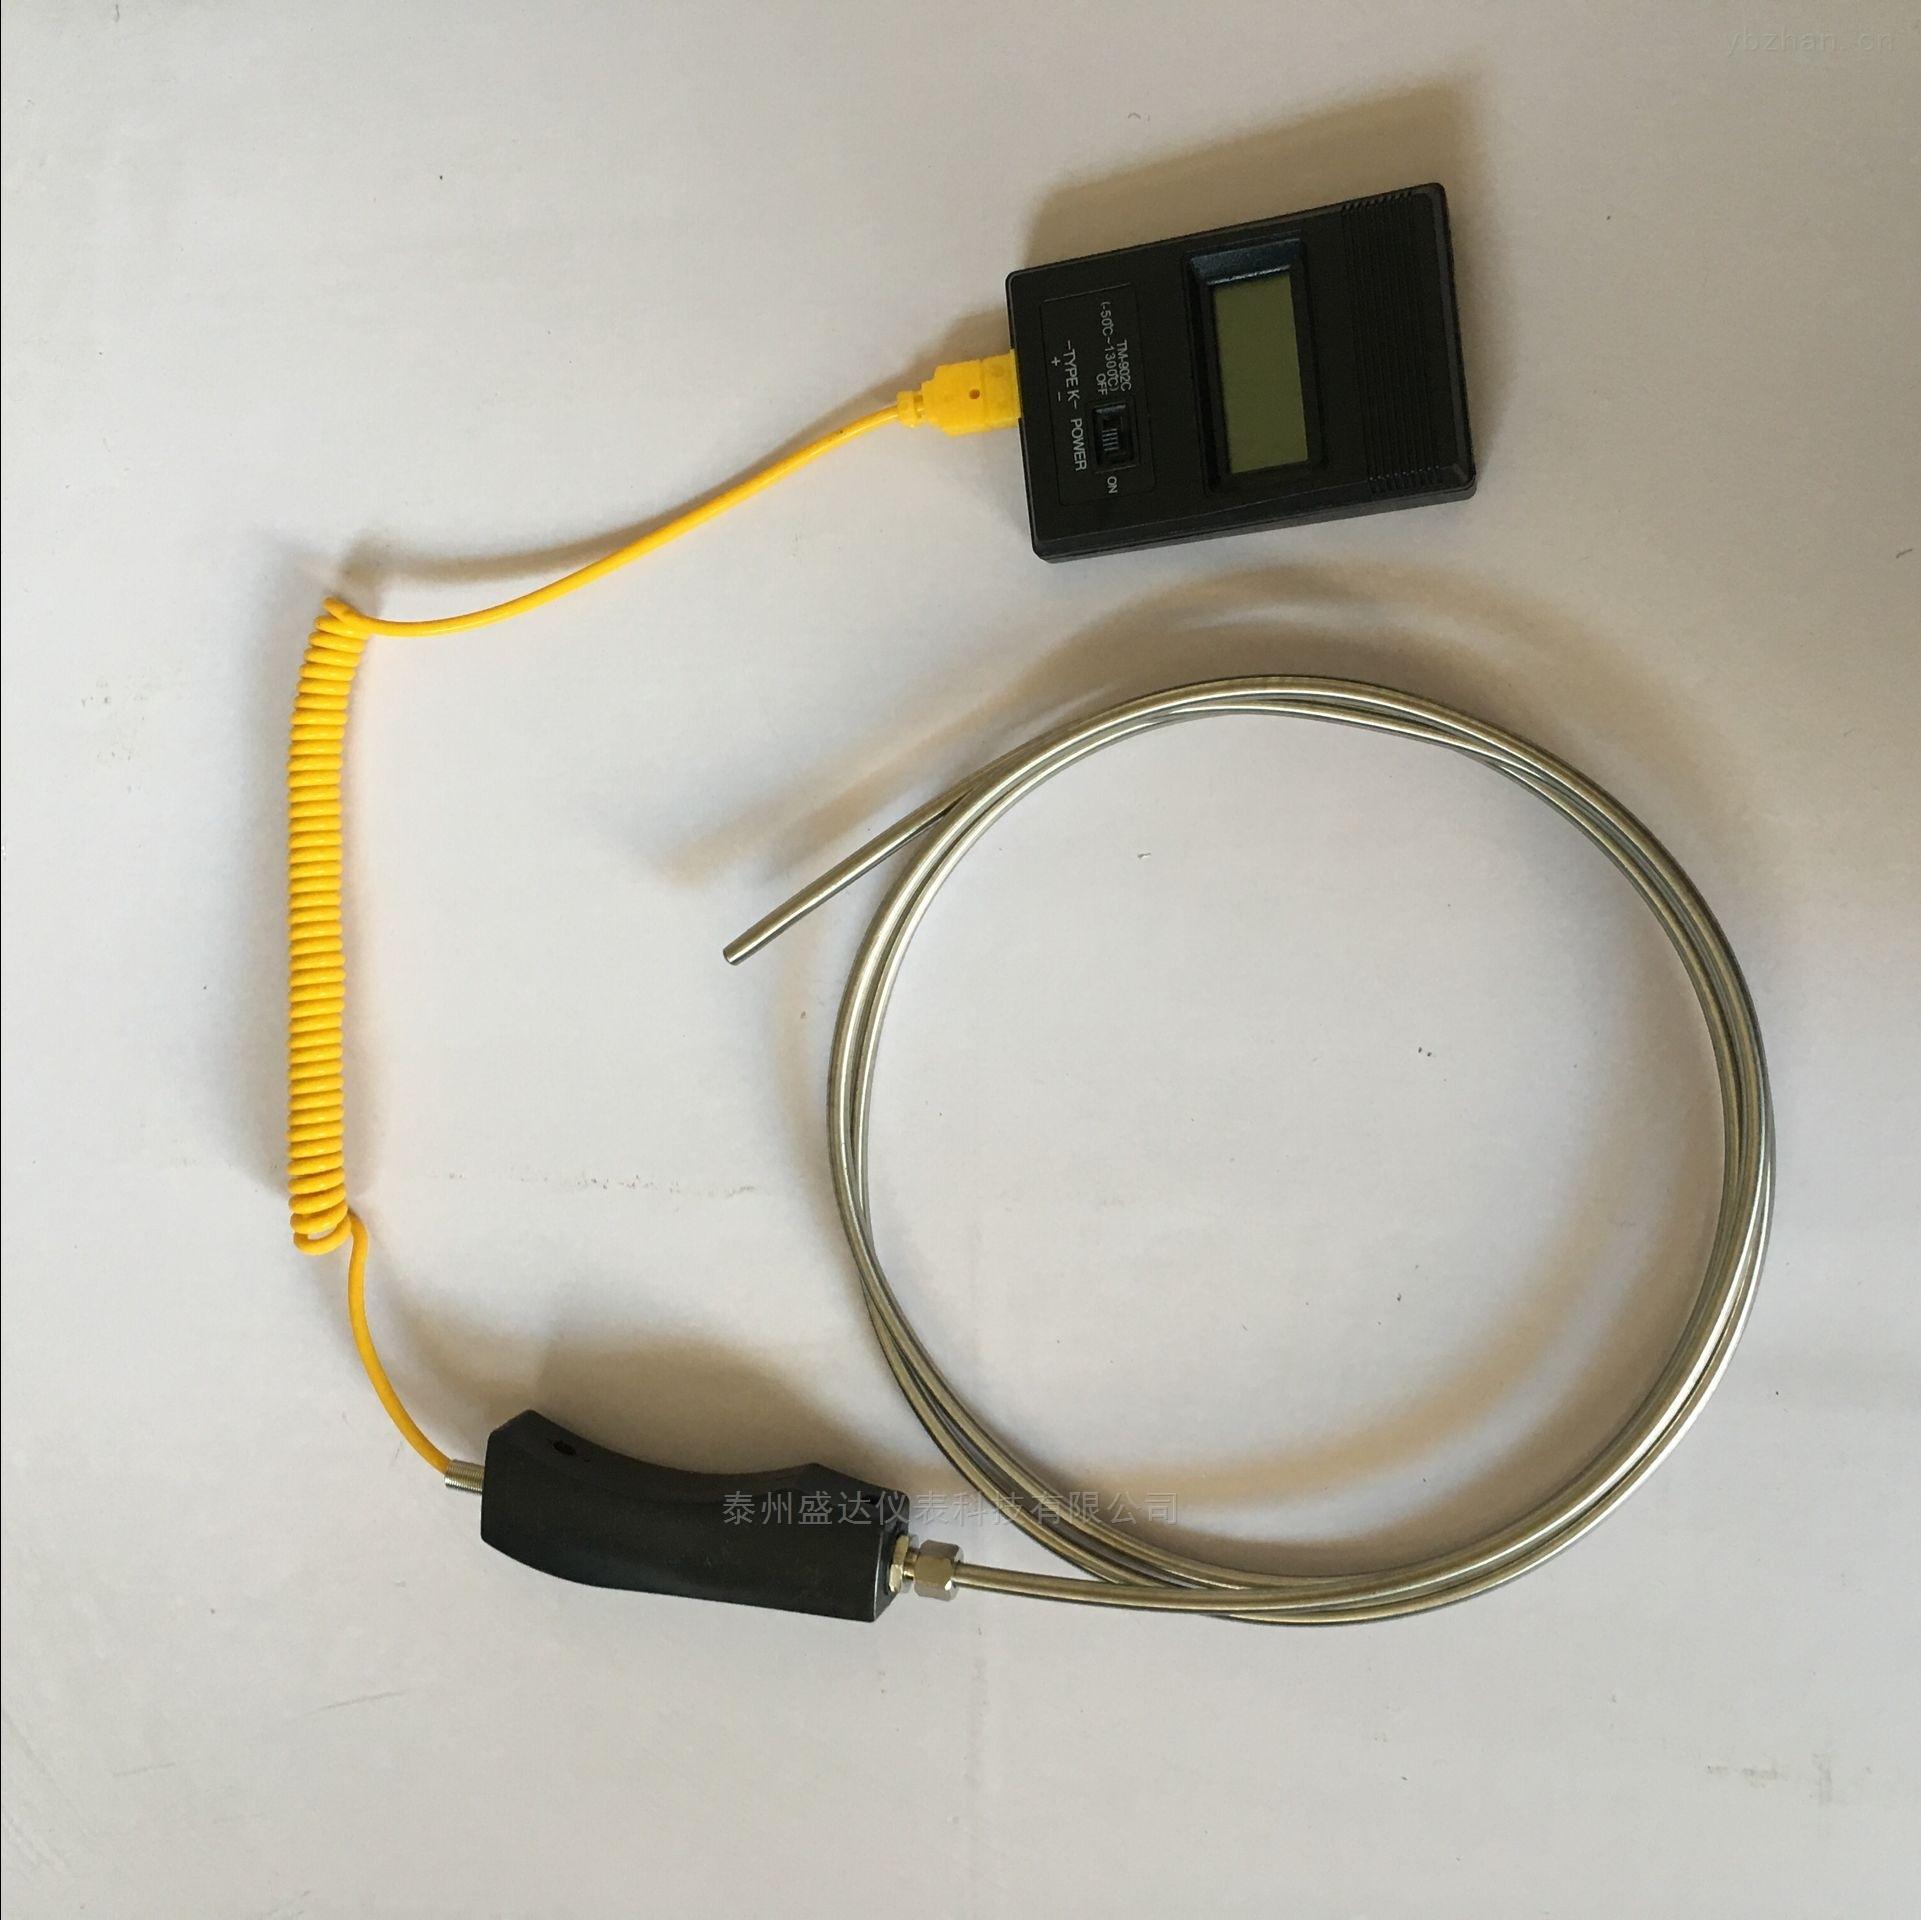 WRNK-104-盛达铝水溶液专用手持式K型 铠装熱電偶